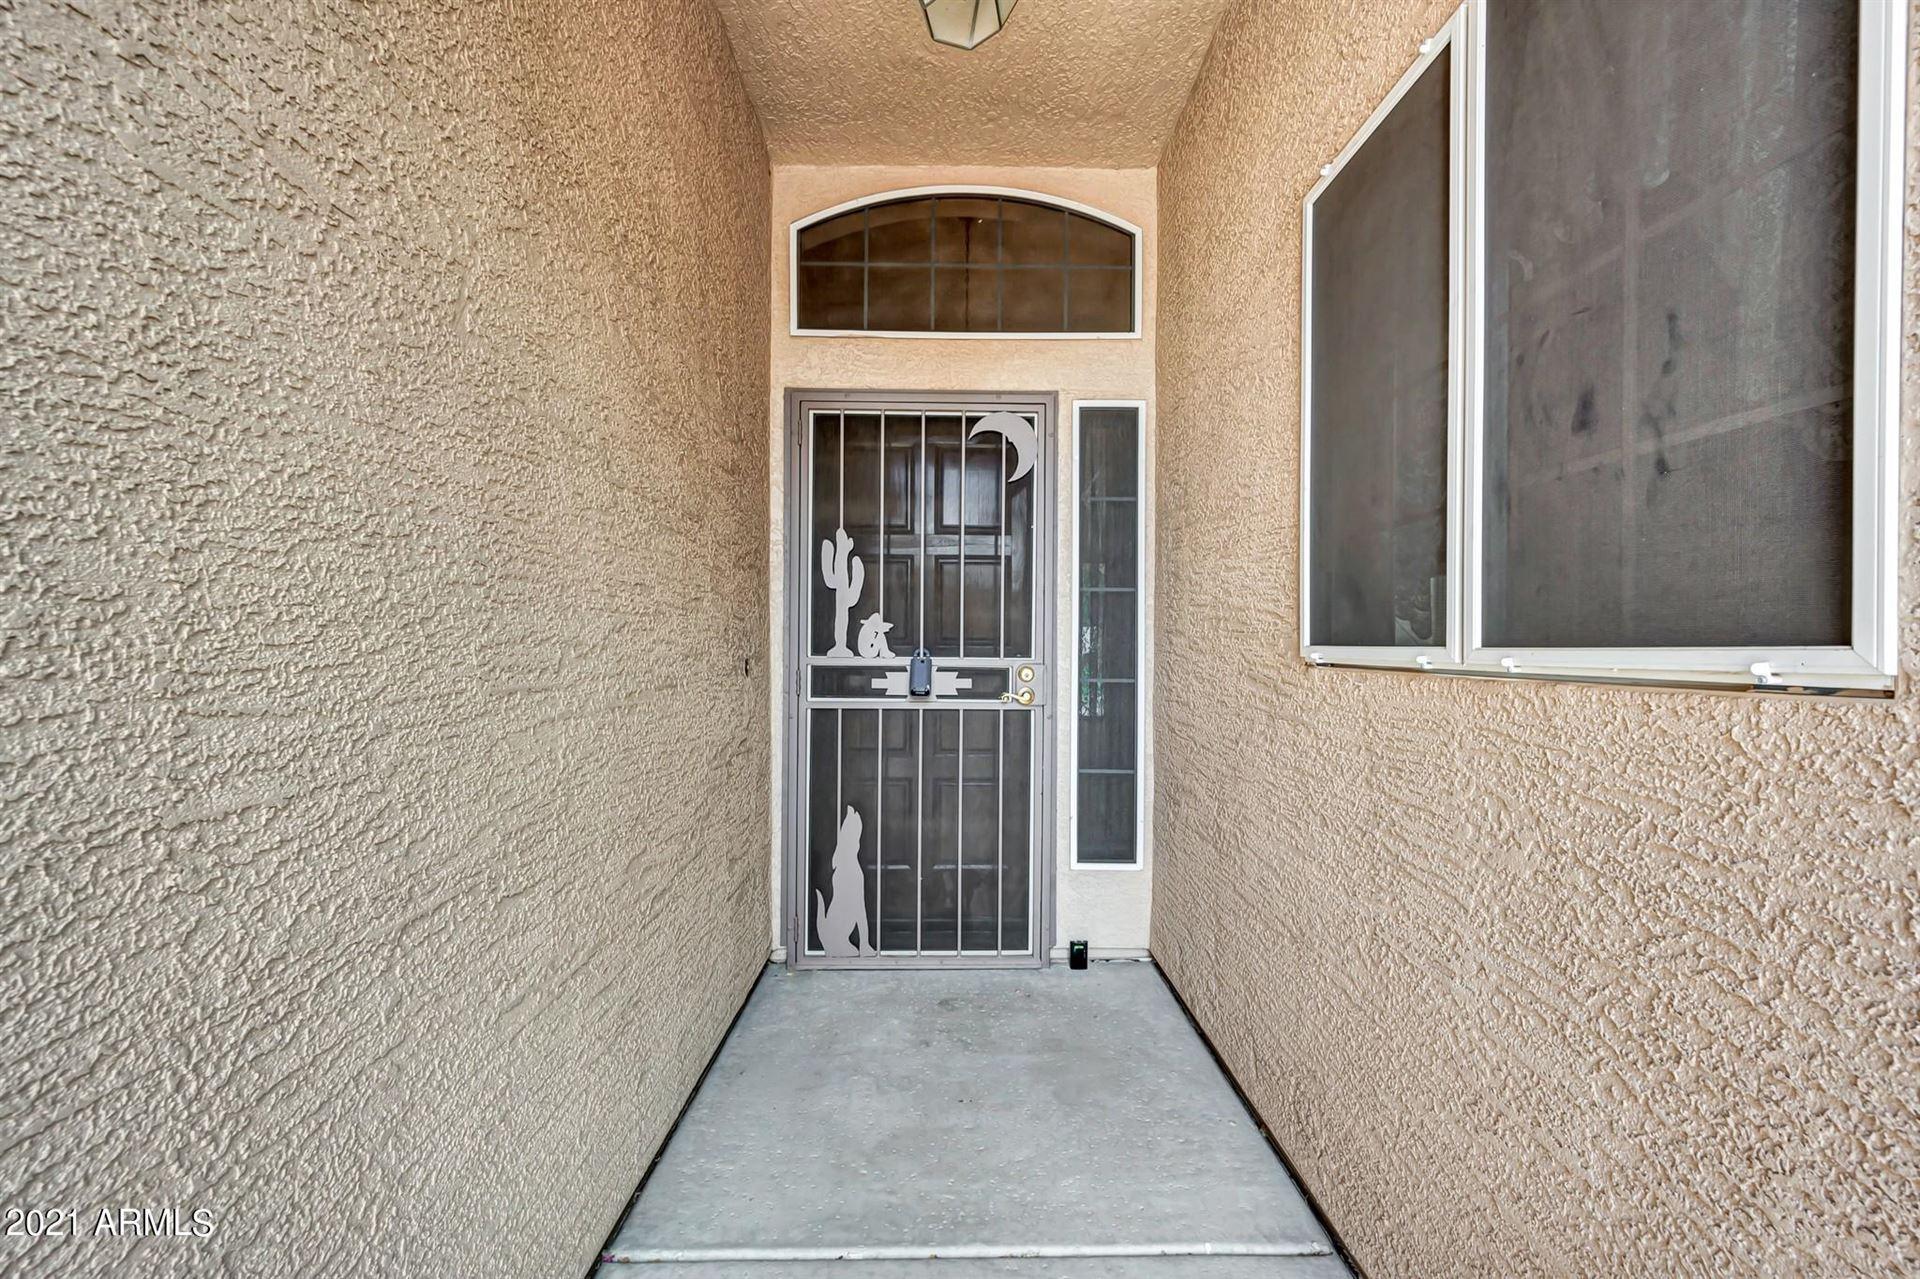 Photo of 11530 W Pronghorn Court, Surprise, AZ 85378 (MLS # 6272685)